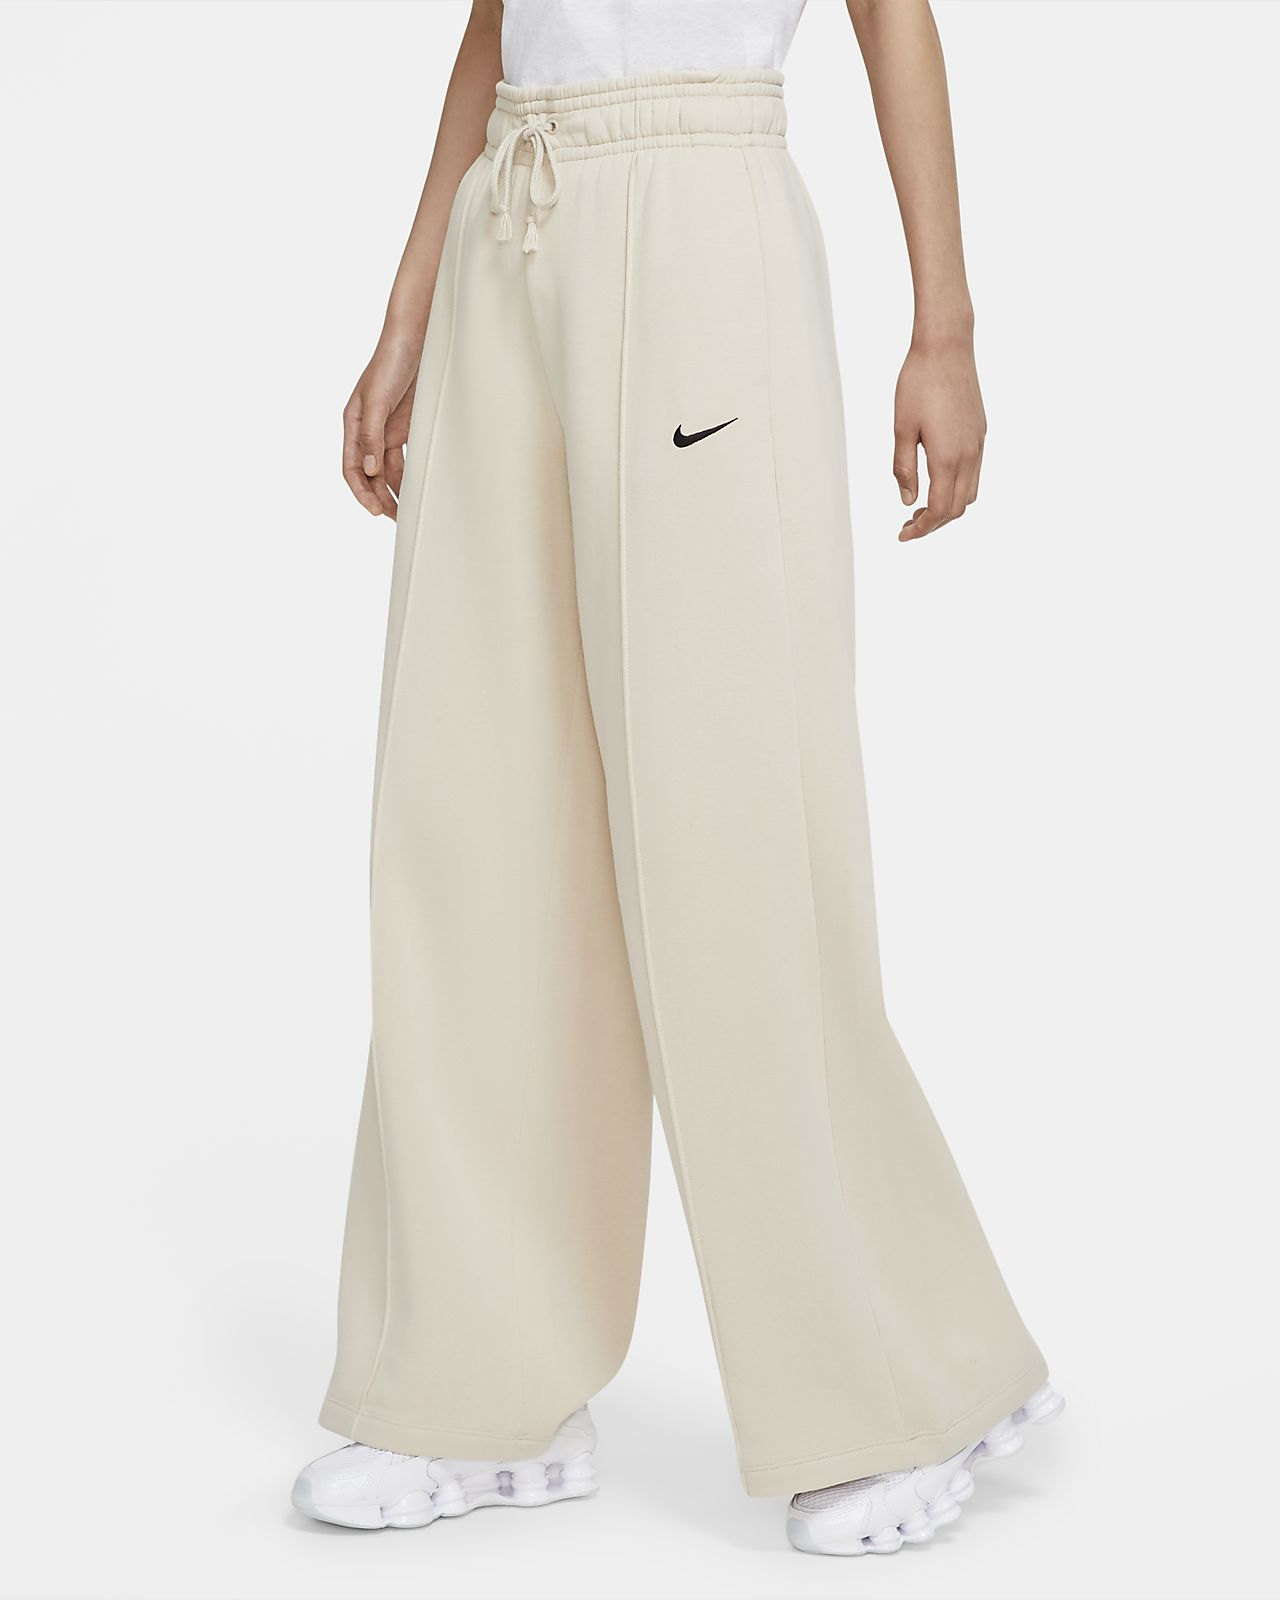 Pantalon en tissu Fleece Nike Sportswear Trend pour Femme